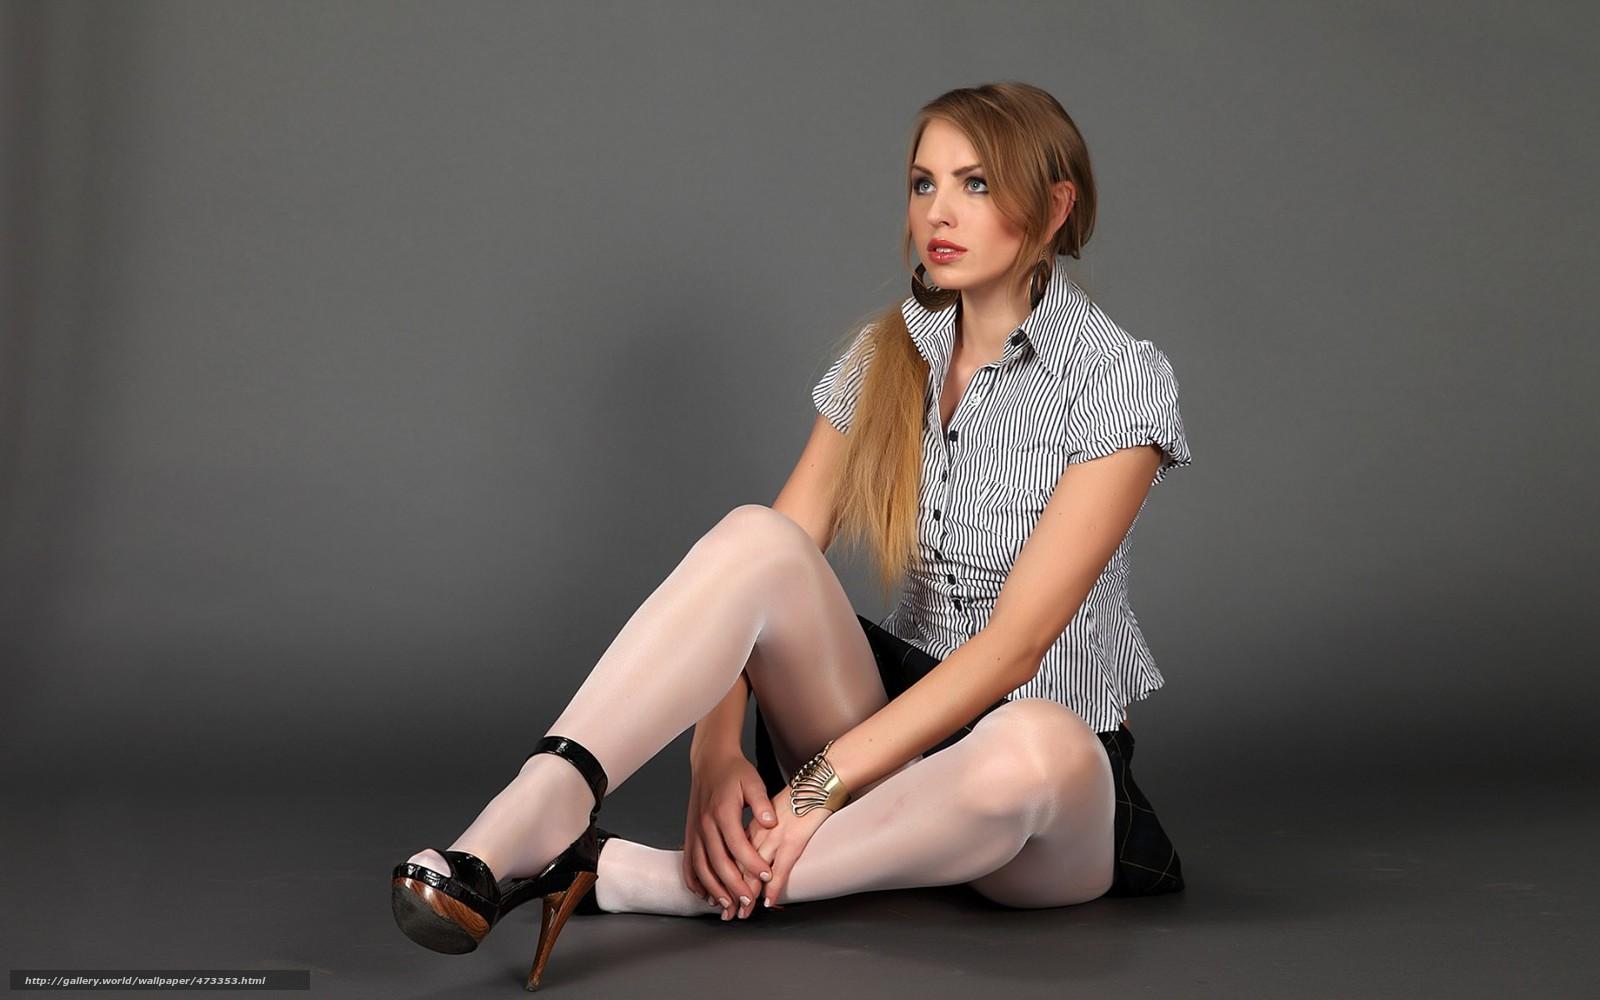 Фото нейлоновой модели татьяны 9 фотография